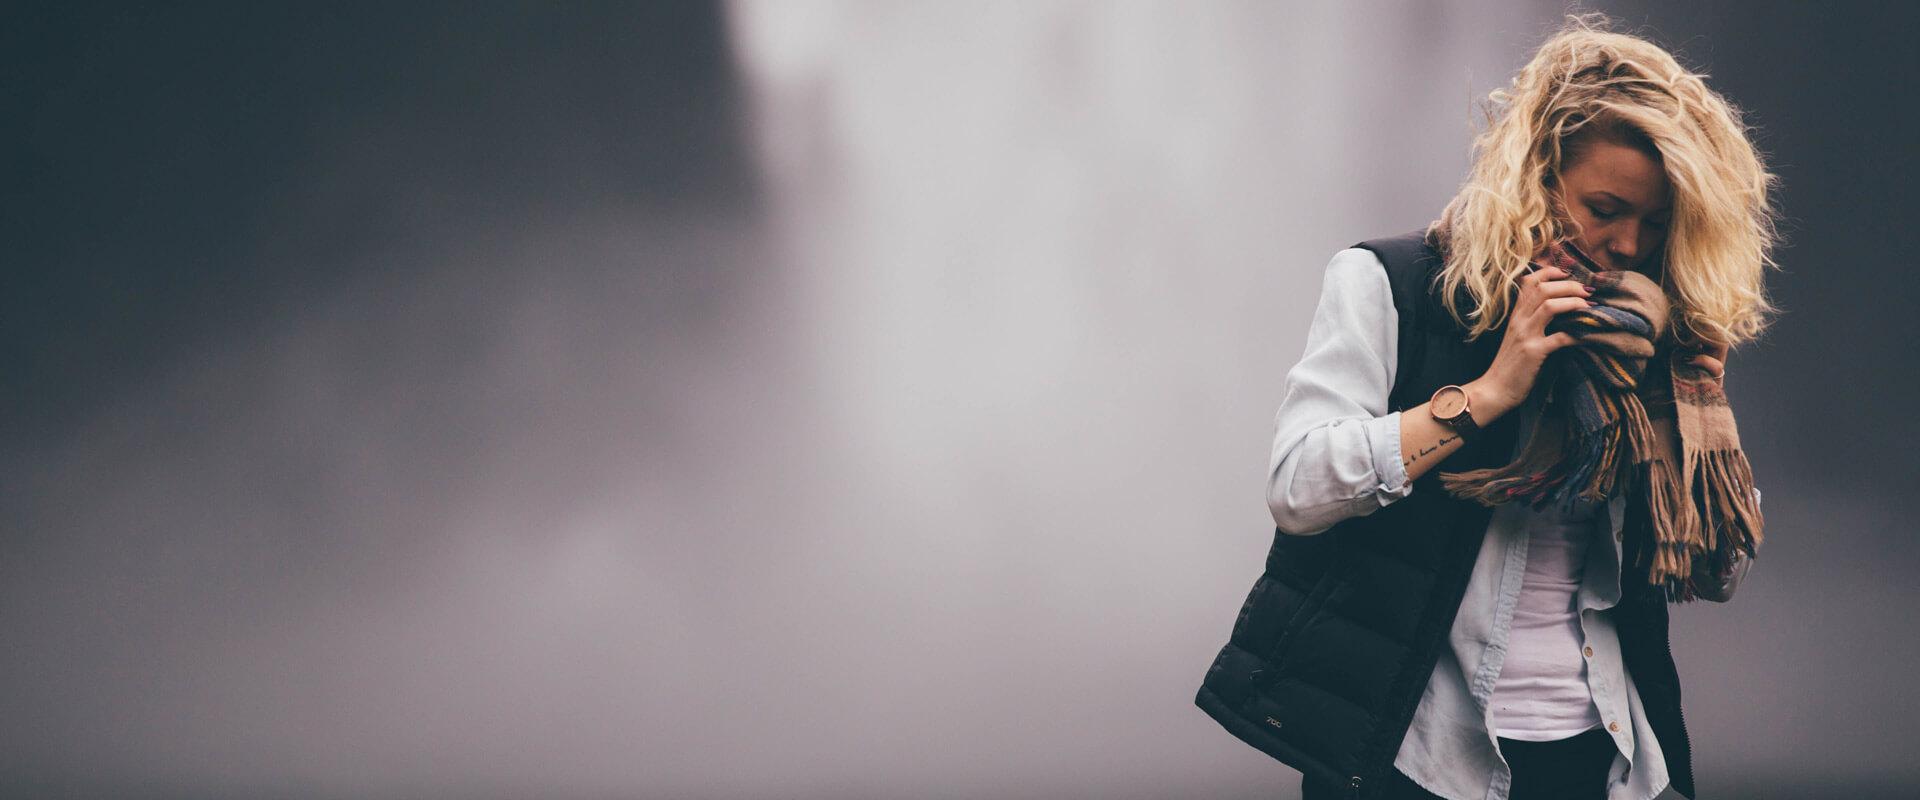 Vom Zusammenhang zwischen Stress und Gewichtszunahme